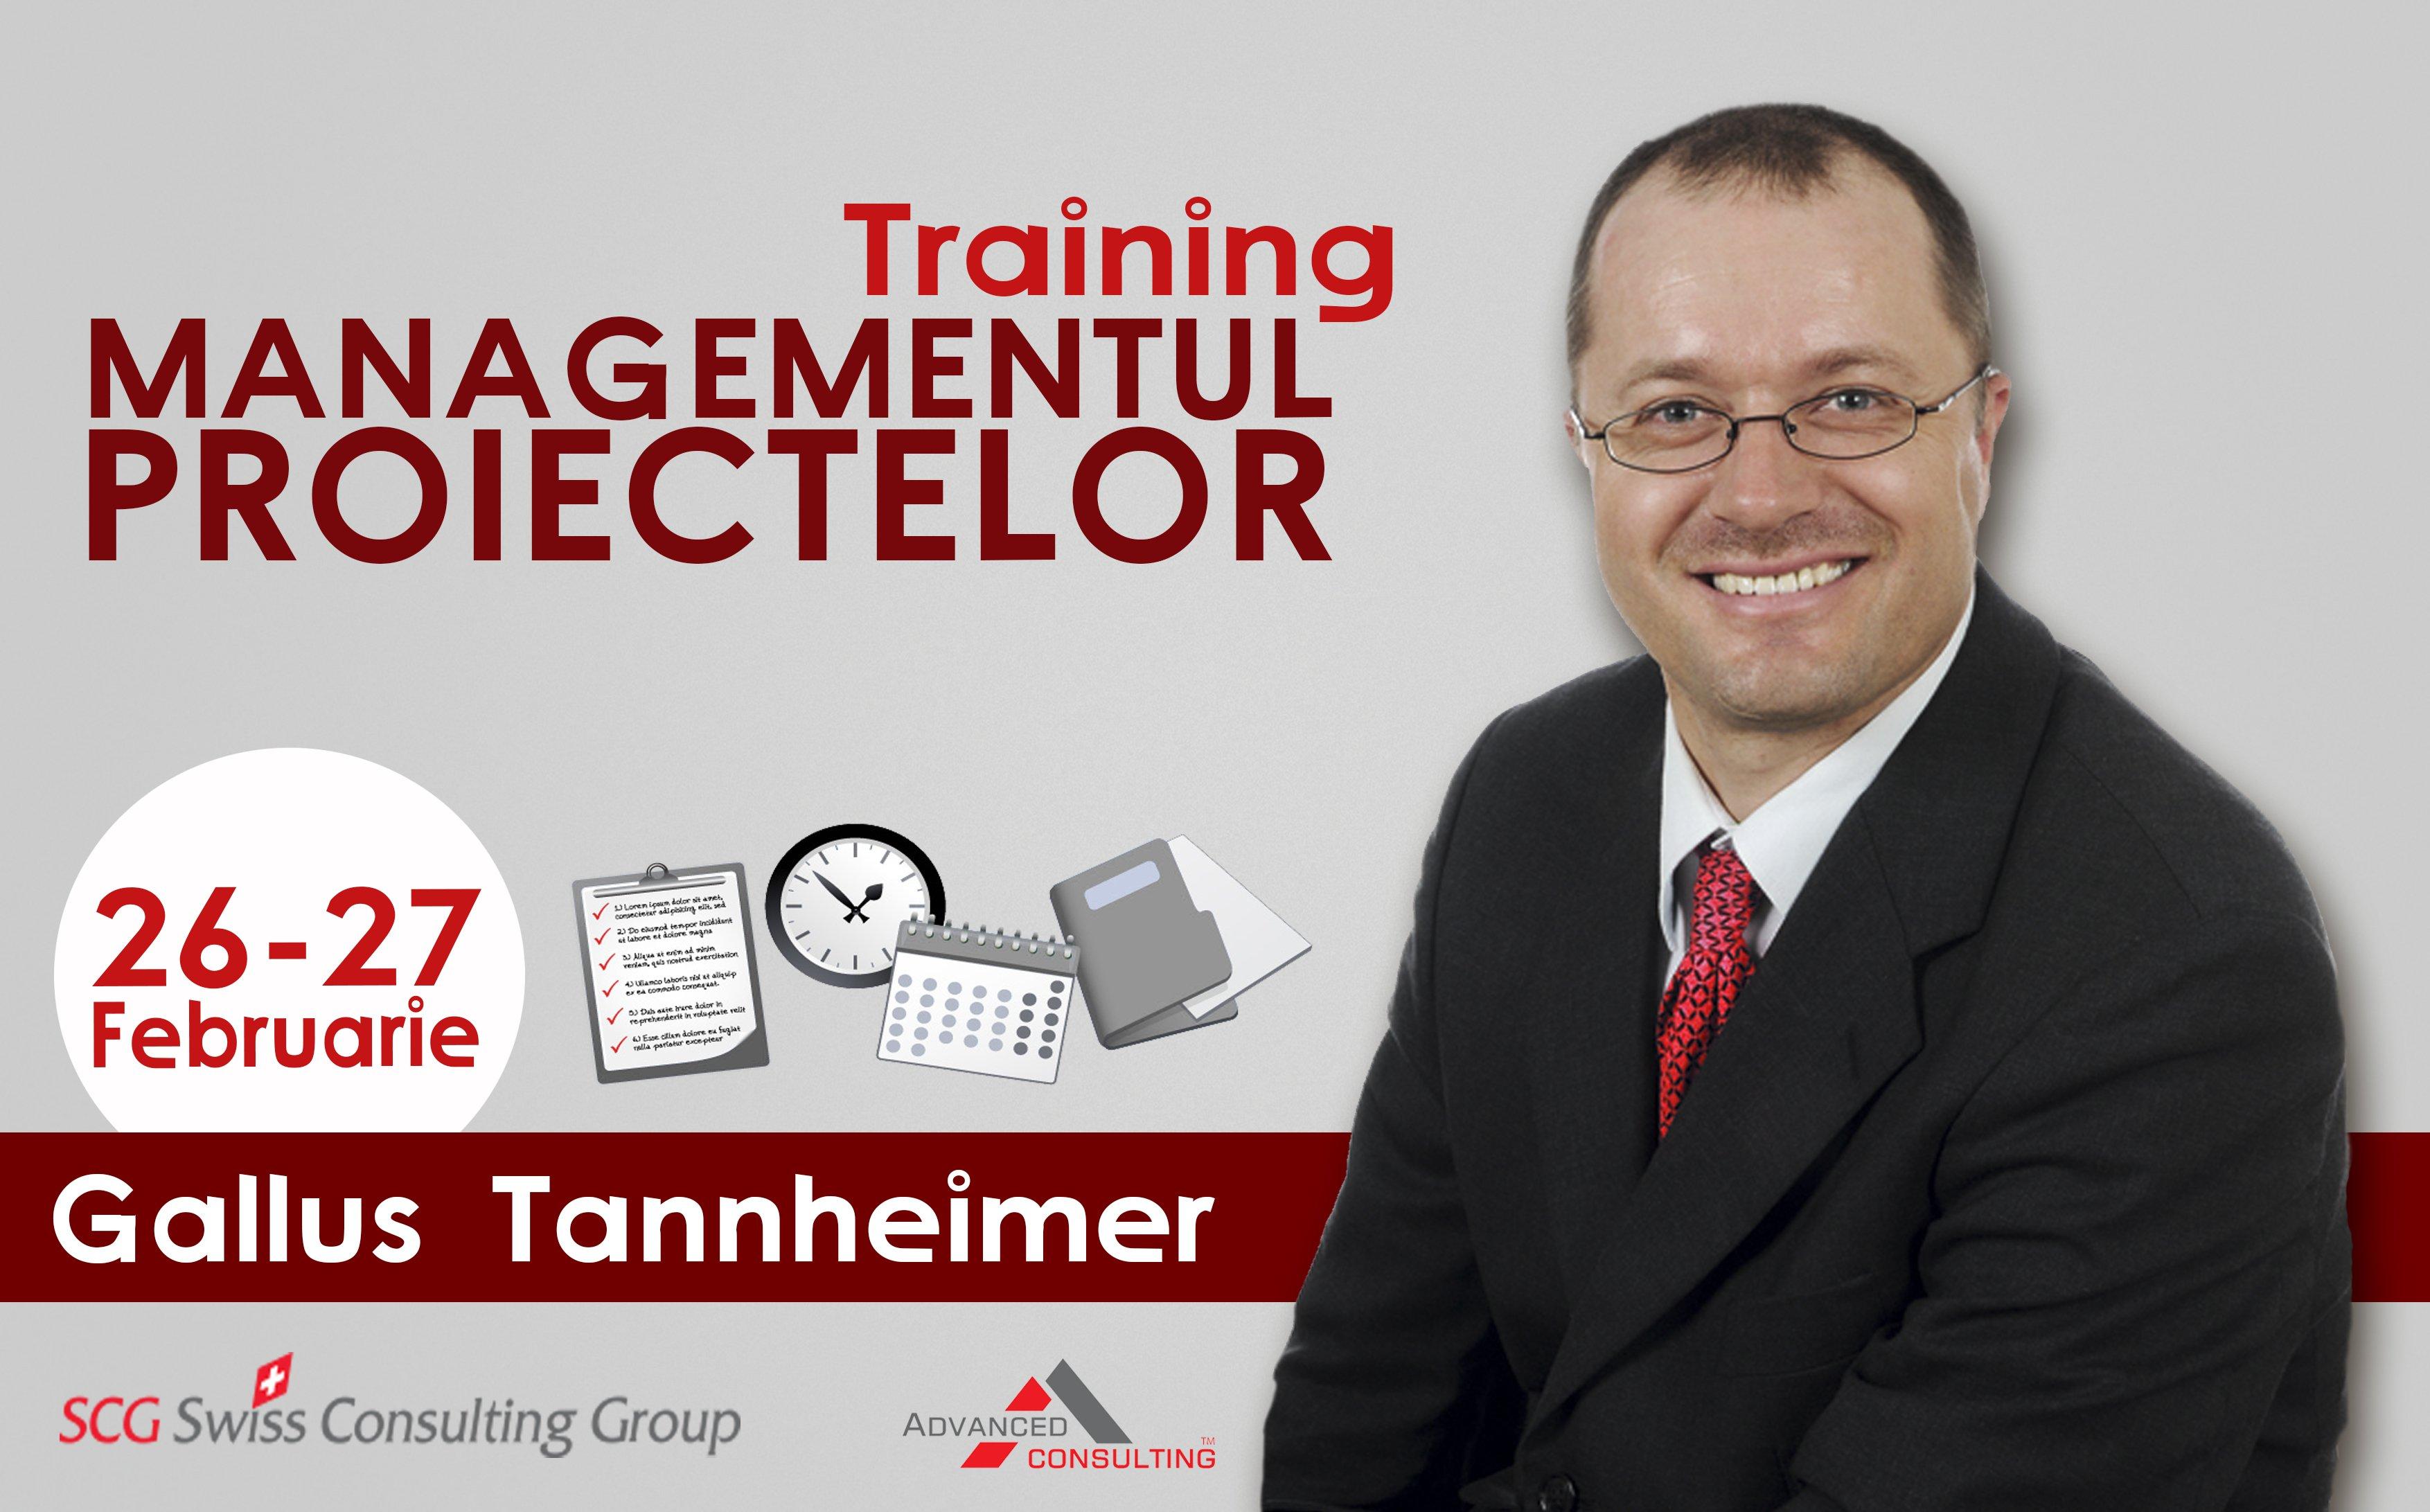 Gallus Tannheimer - Managementul proiectelor